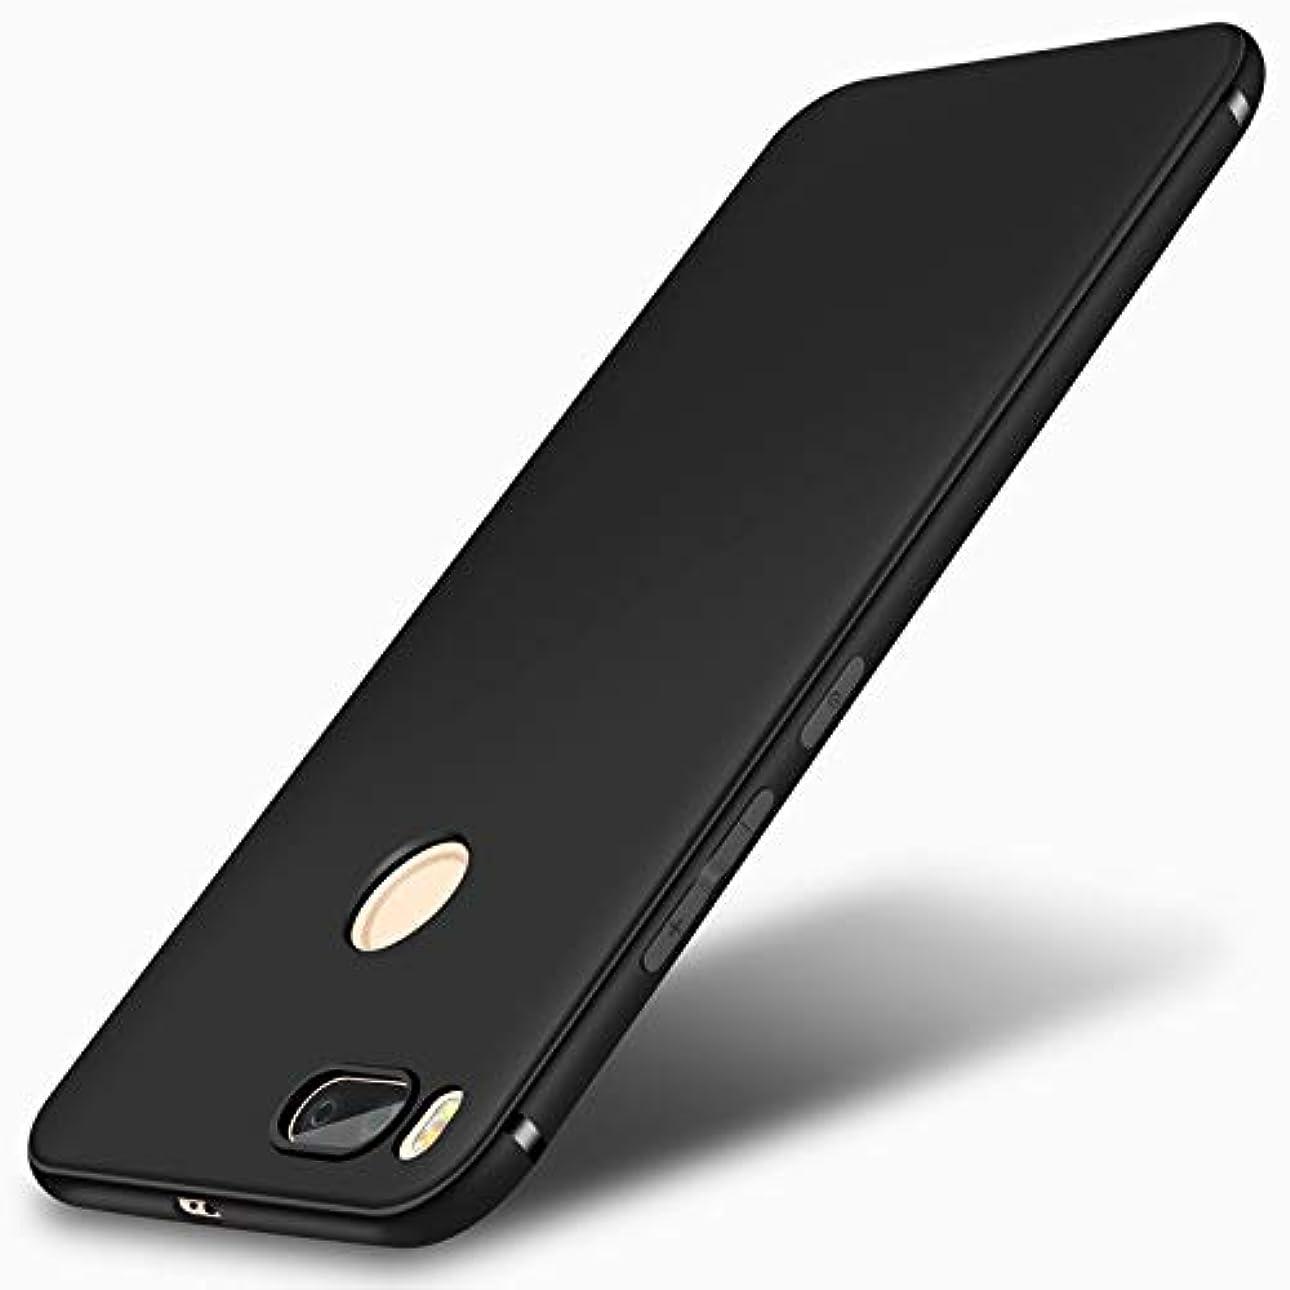 レザーヘビ時々Jicorzo - 小米科技MI6 MI 6 M6用小米科技マイル5倍Mi5x電話カバー用1ケース超薄型フロストソフトシリコンTPUケースA1小米科技マイル